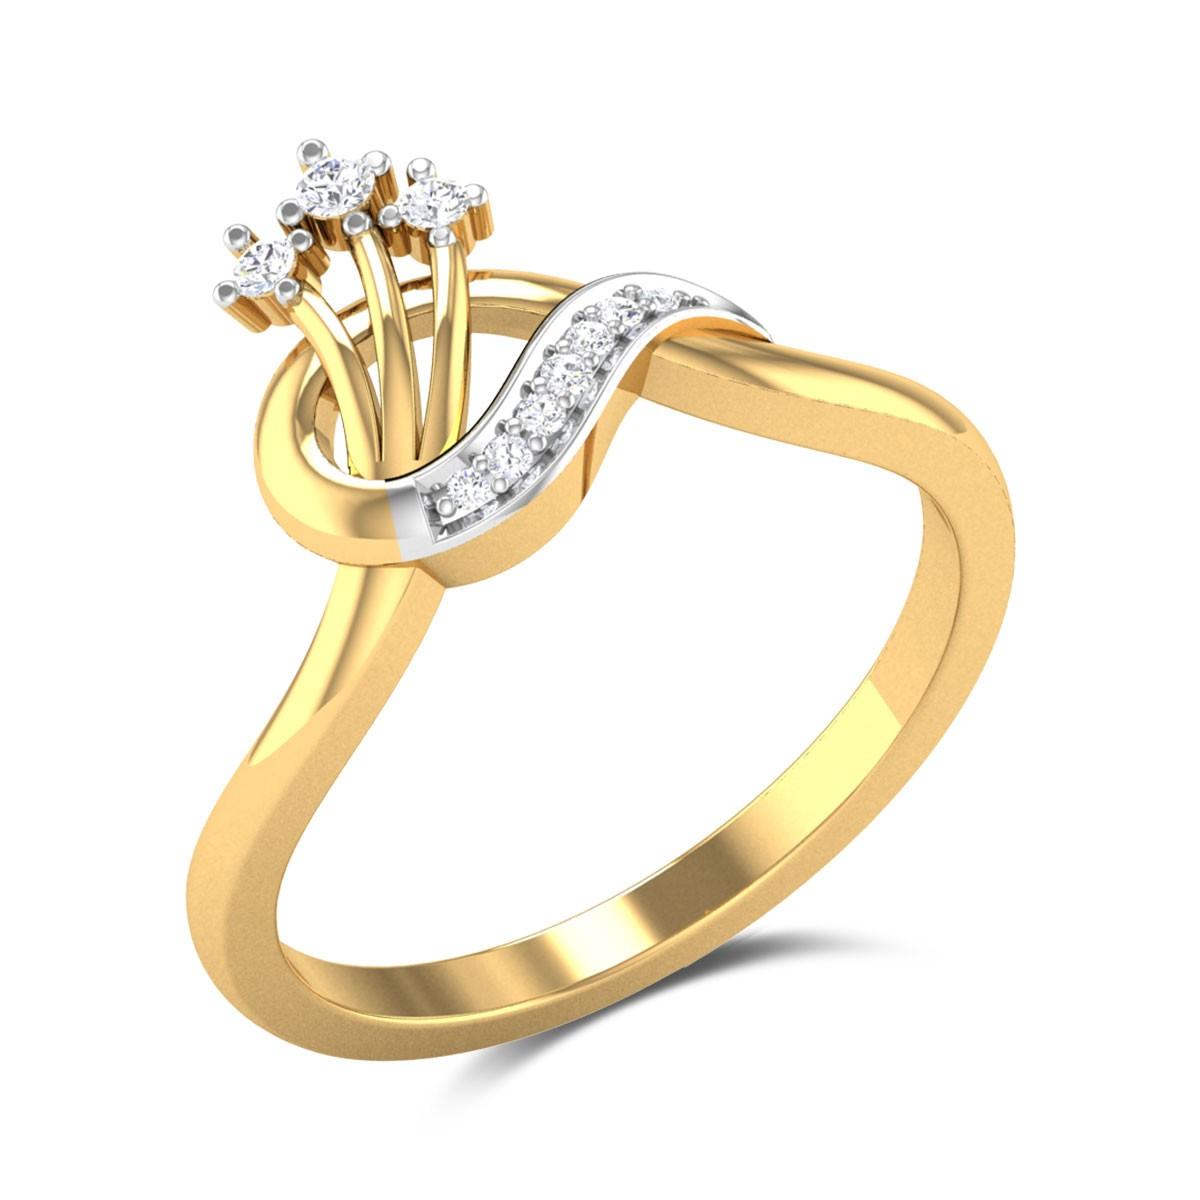 Buy Delanie Diamond Ring in 2.69 Gms Gold Online